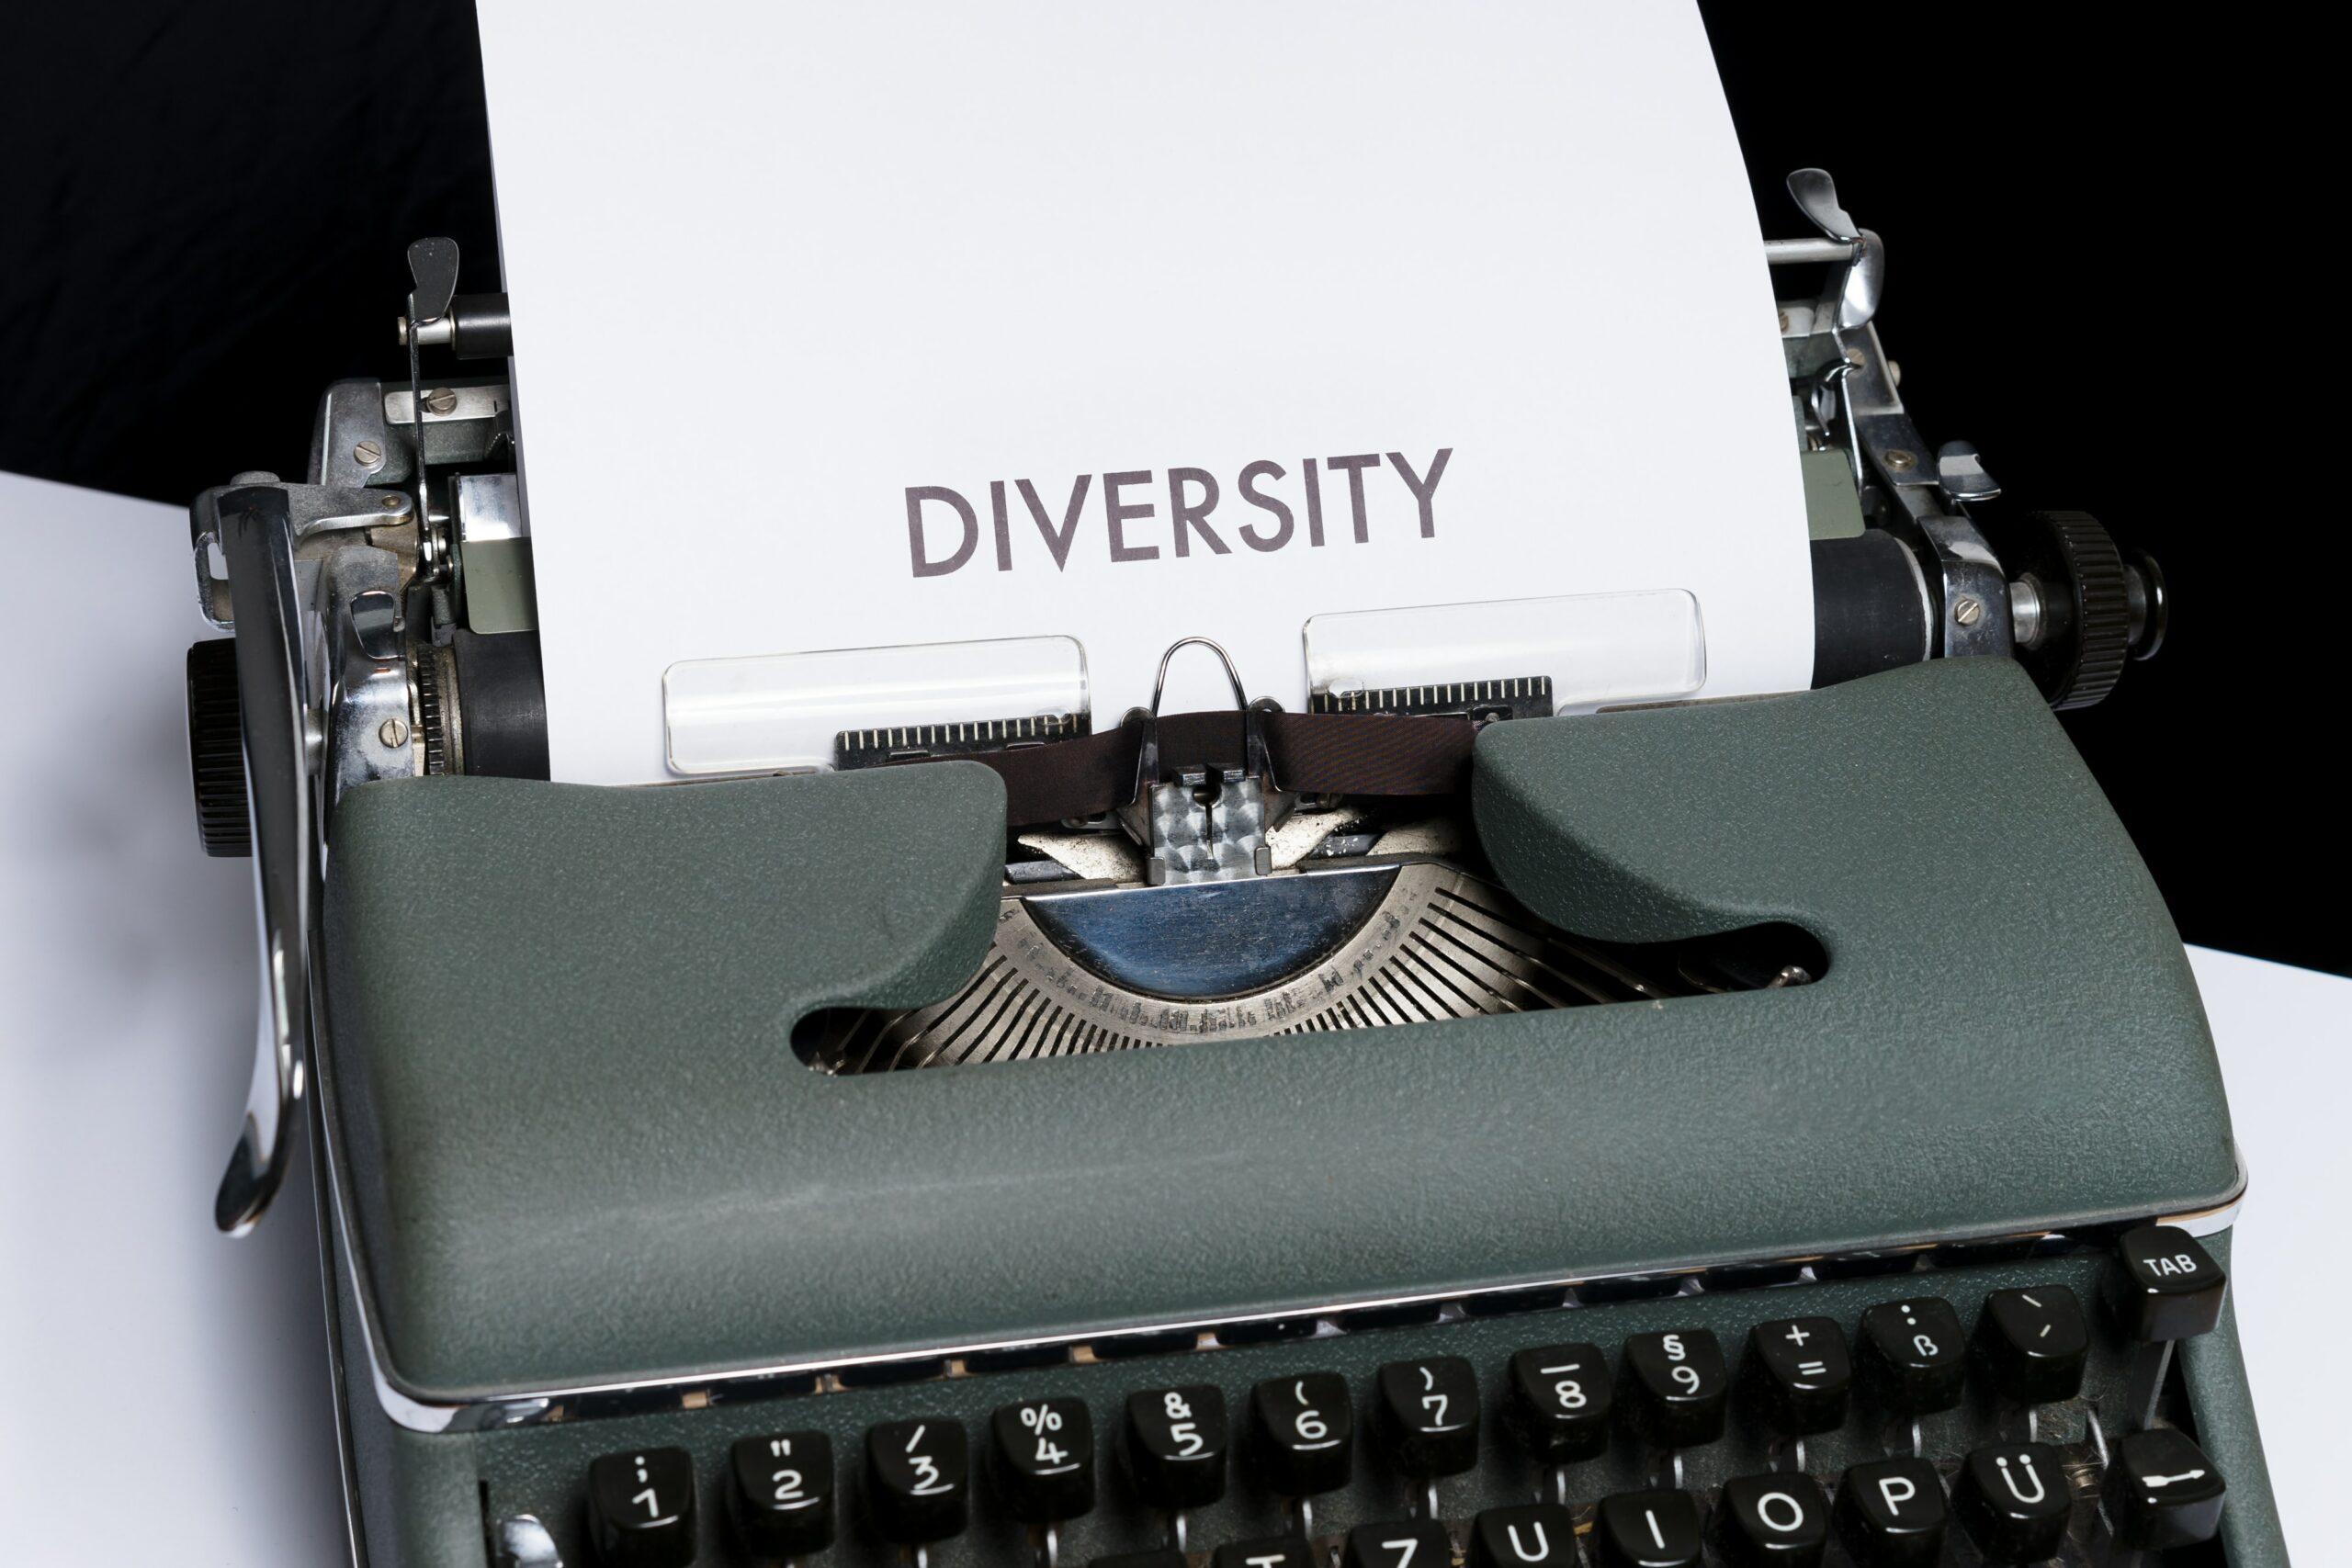 Gender Diversity | En vanlig utmaning i arbetslivet